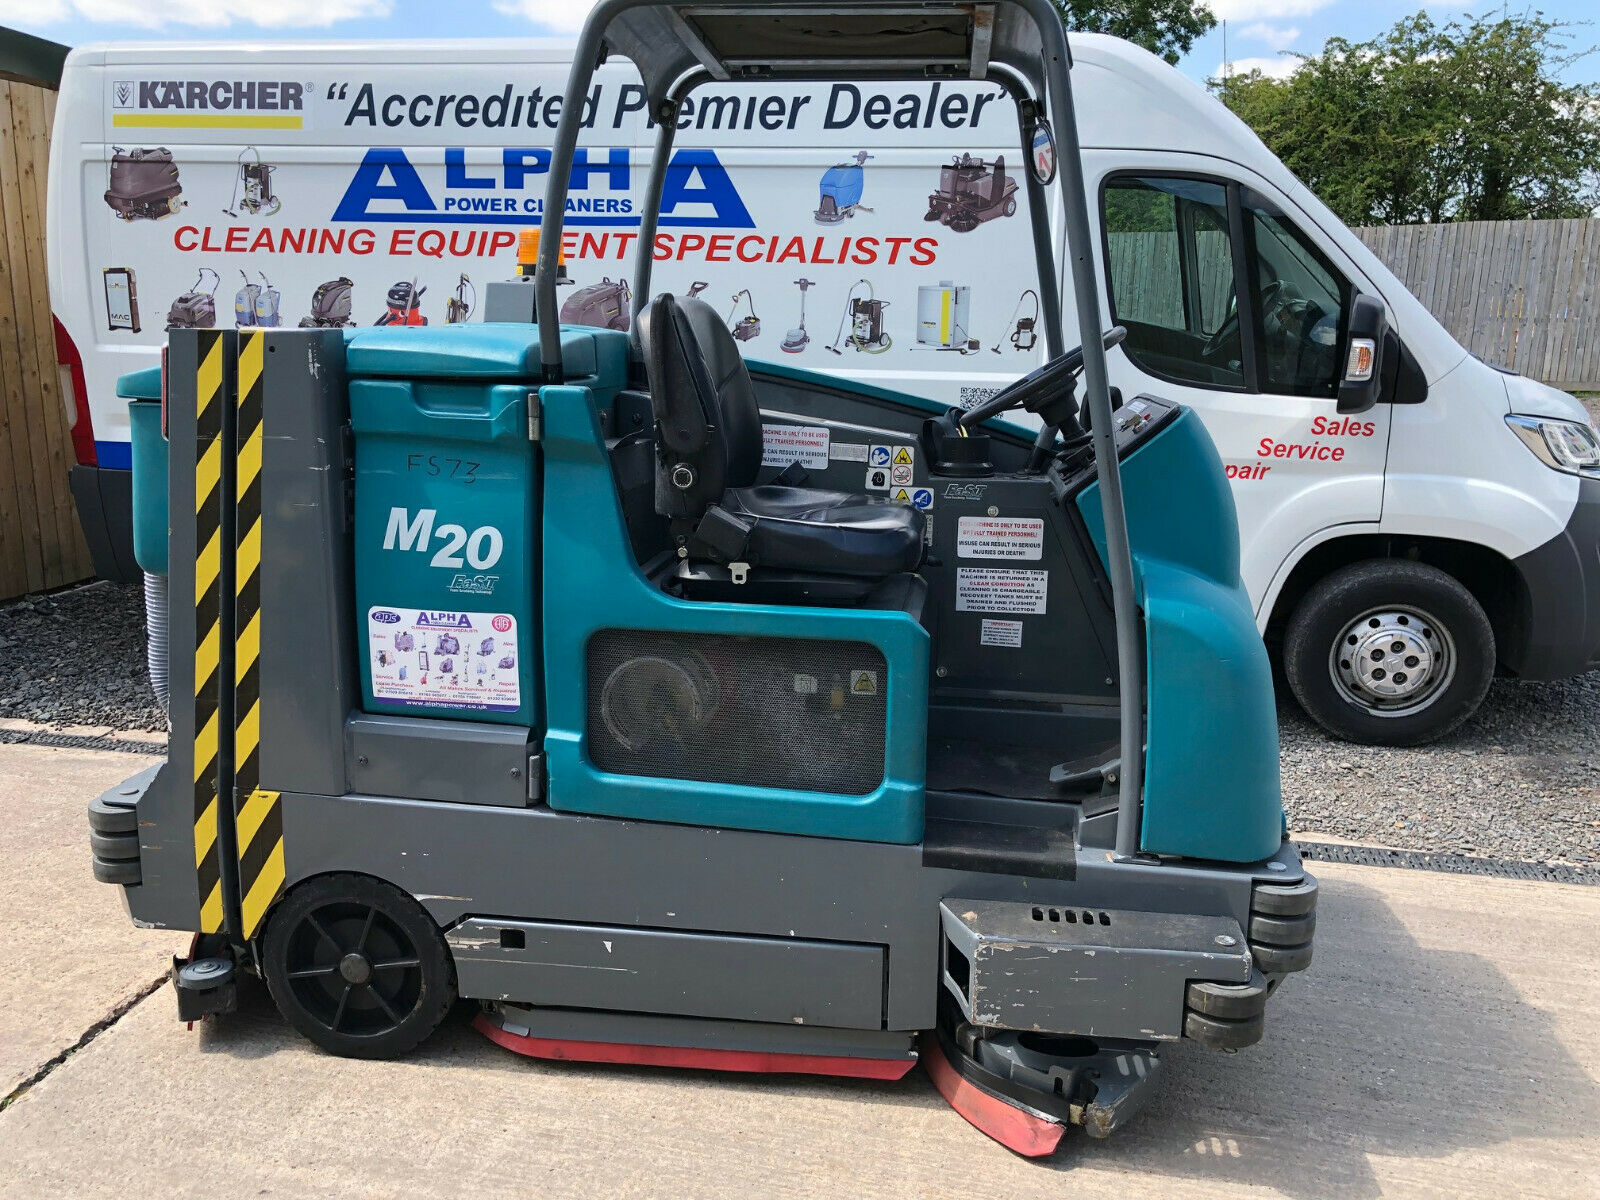 1 Week Hire of Industrial Ride-on LPG Floor Scrubber Drier - Tennant M20